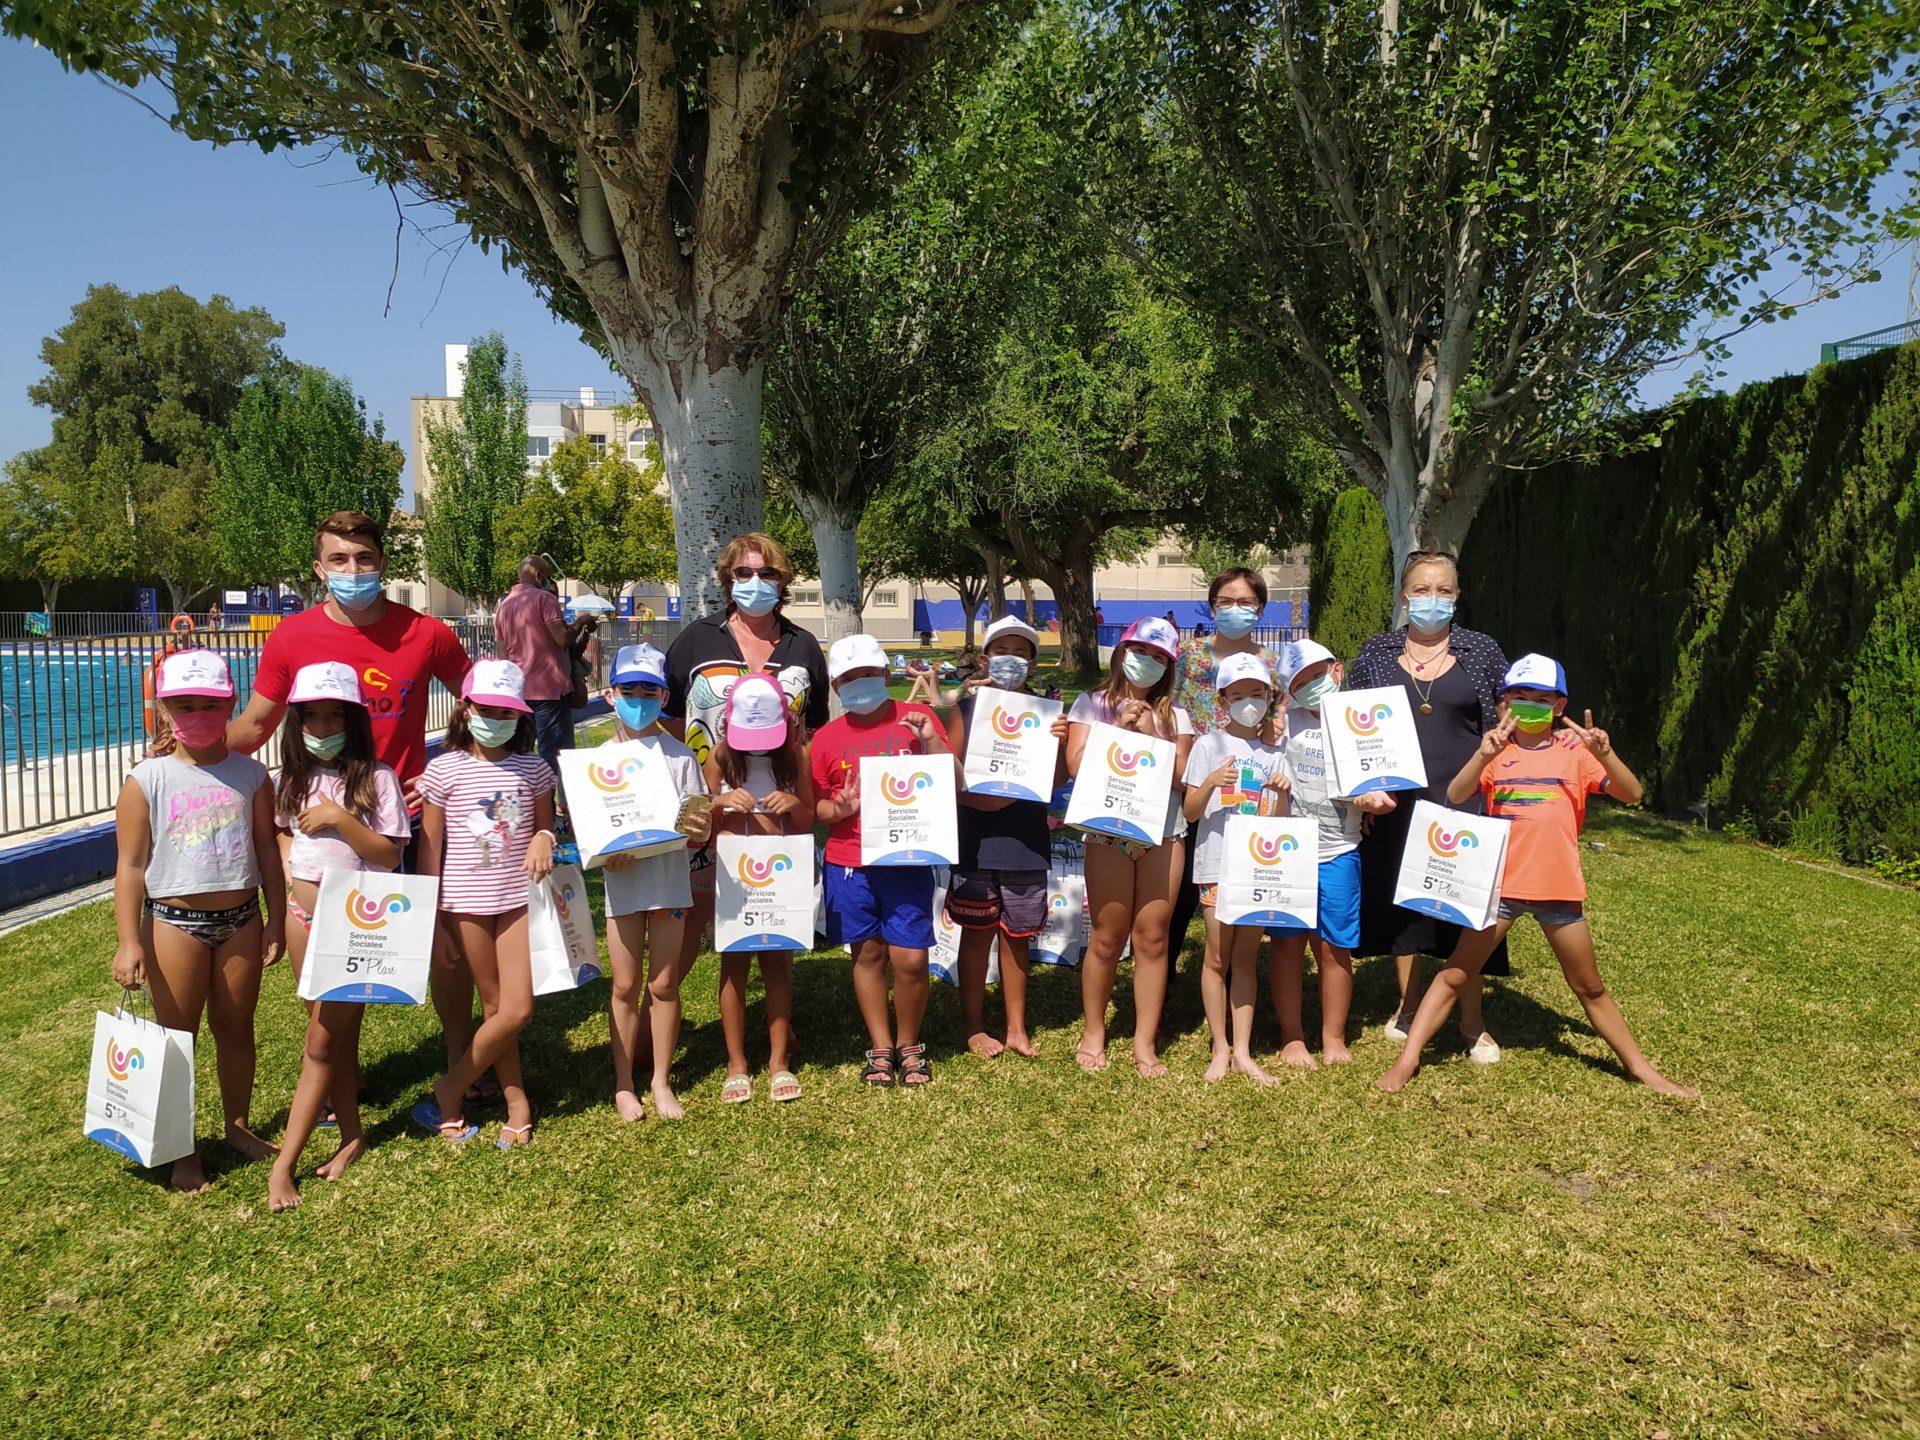 Los niños de Huércal-Overa disfrutan del ocio, actividades y formación en la Escuela de verano organizada por el Ayuntamiento y la Diputación de Almería